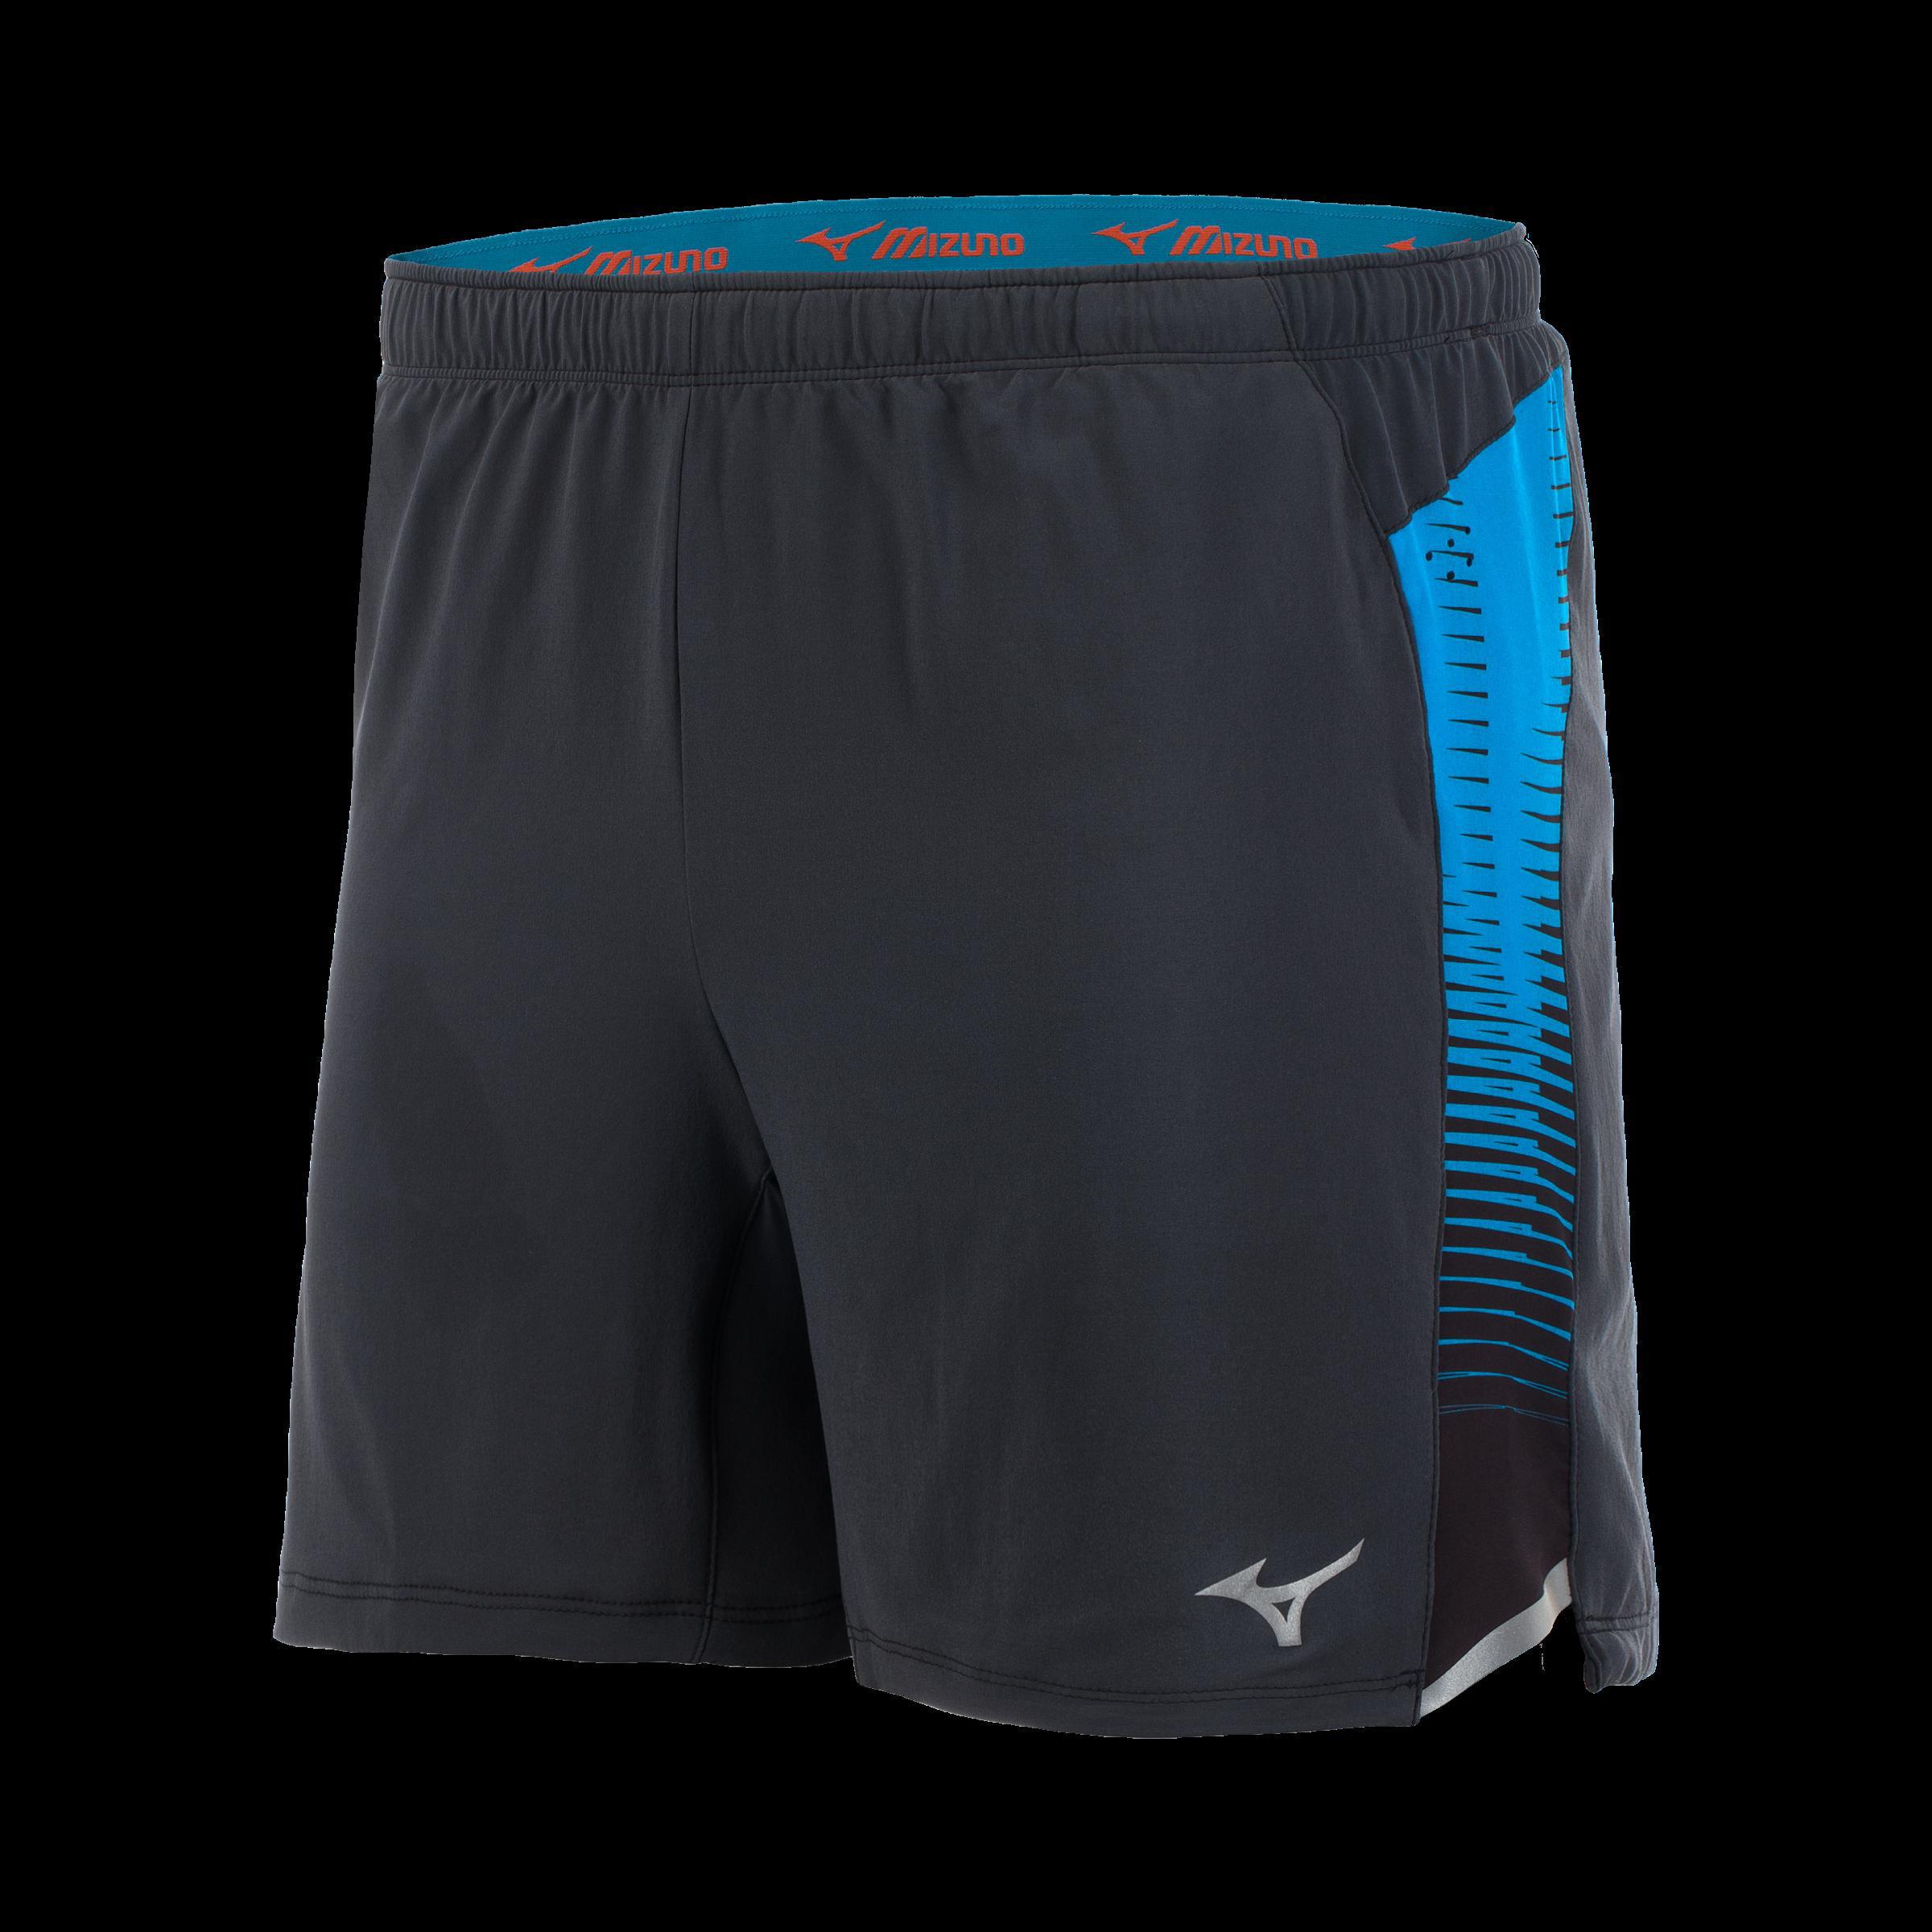 mizuno 4.5 running shorts